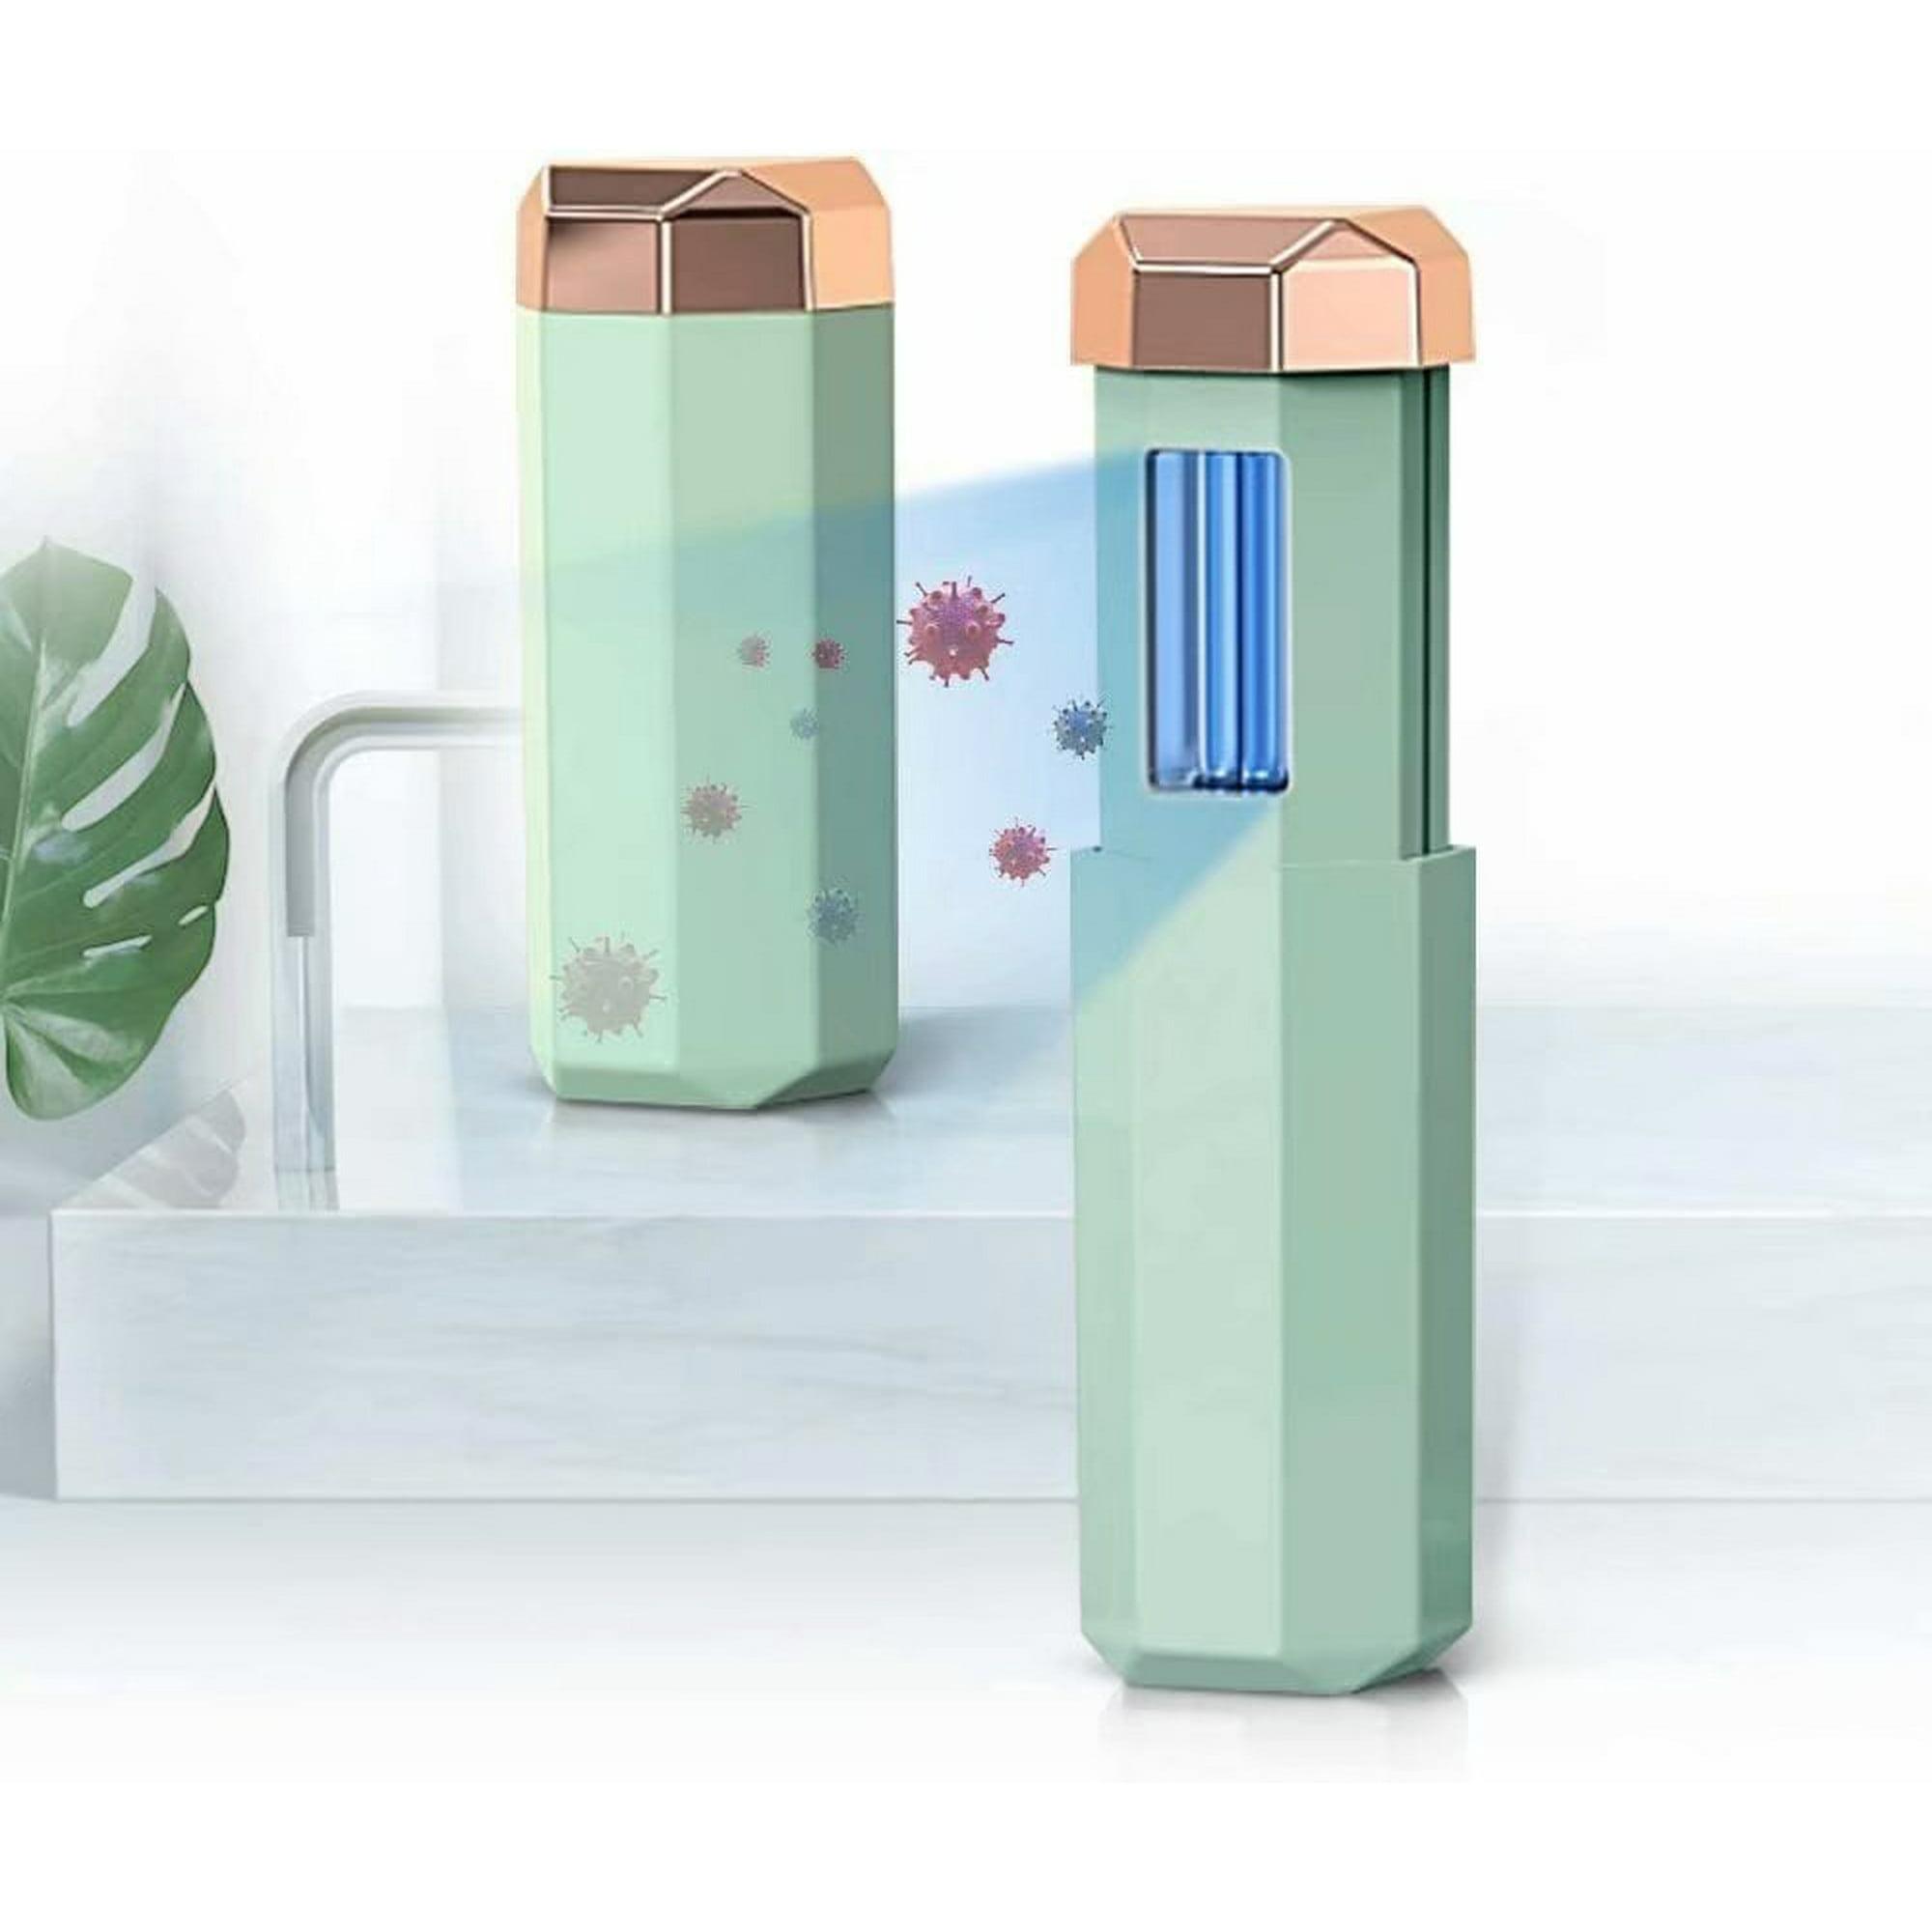 Uv Light Sanitizer Portable Uv Led Germicidal Lamp Mini